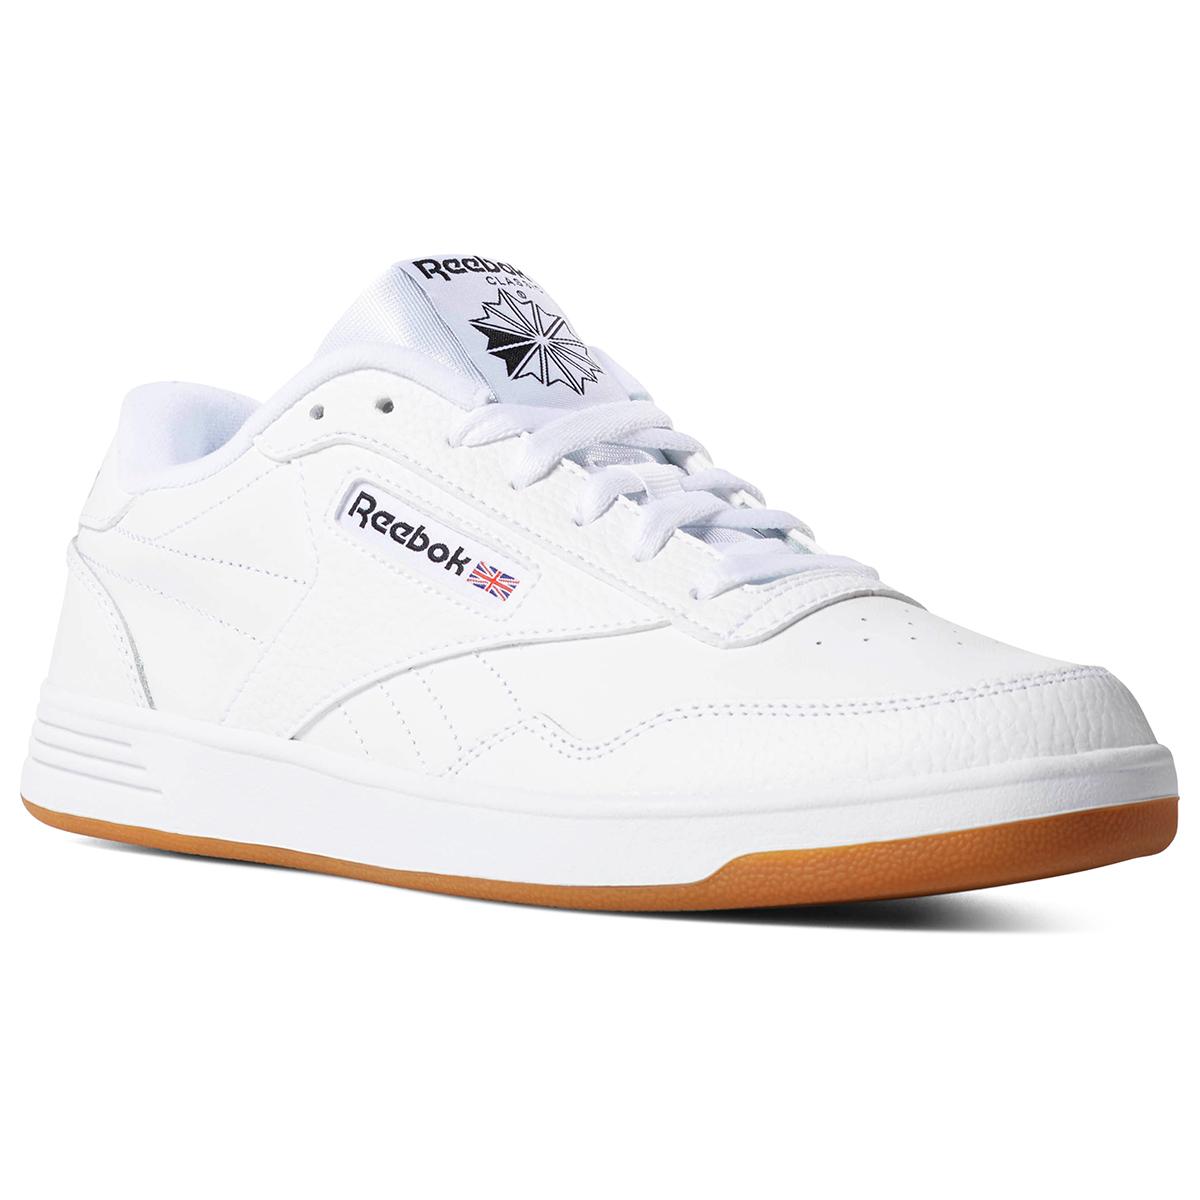 Reebok Men's Club Memt Gum Sole Shoes - White, 11.5